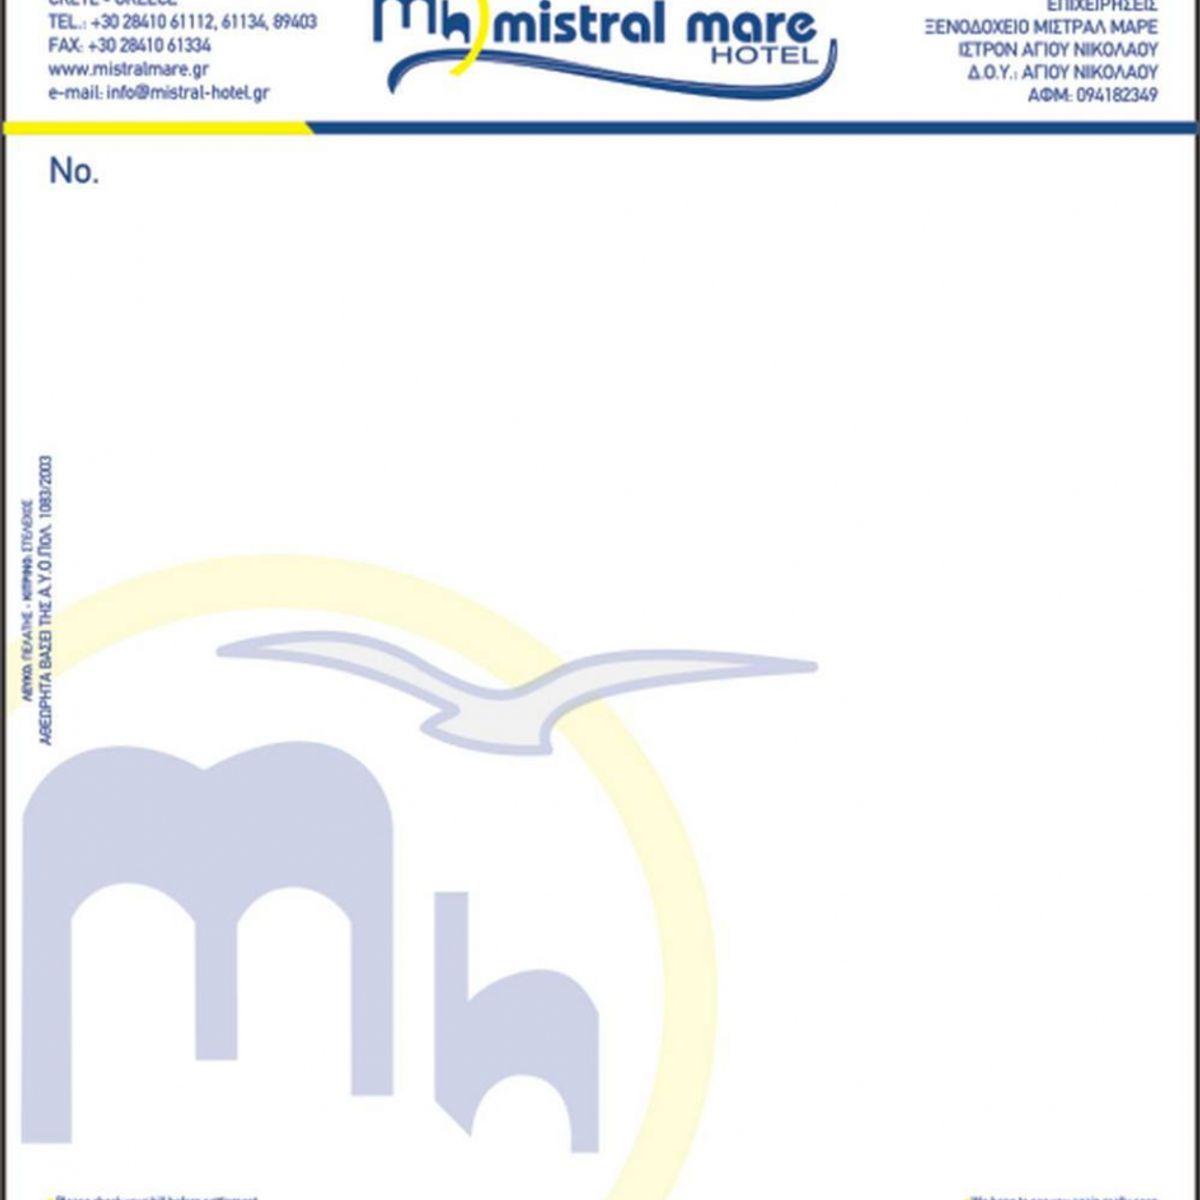 Έντυπα Μηχανογράφησης - ofa3712